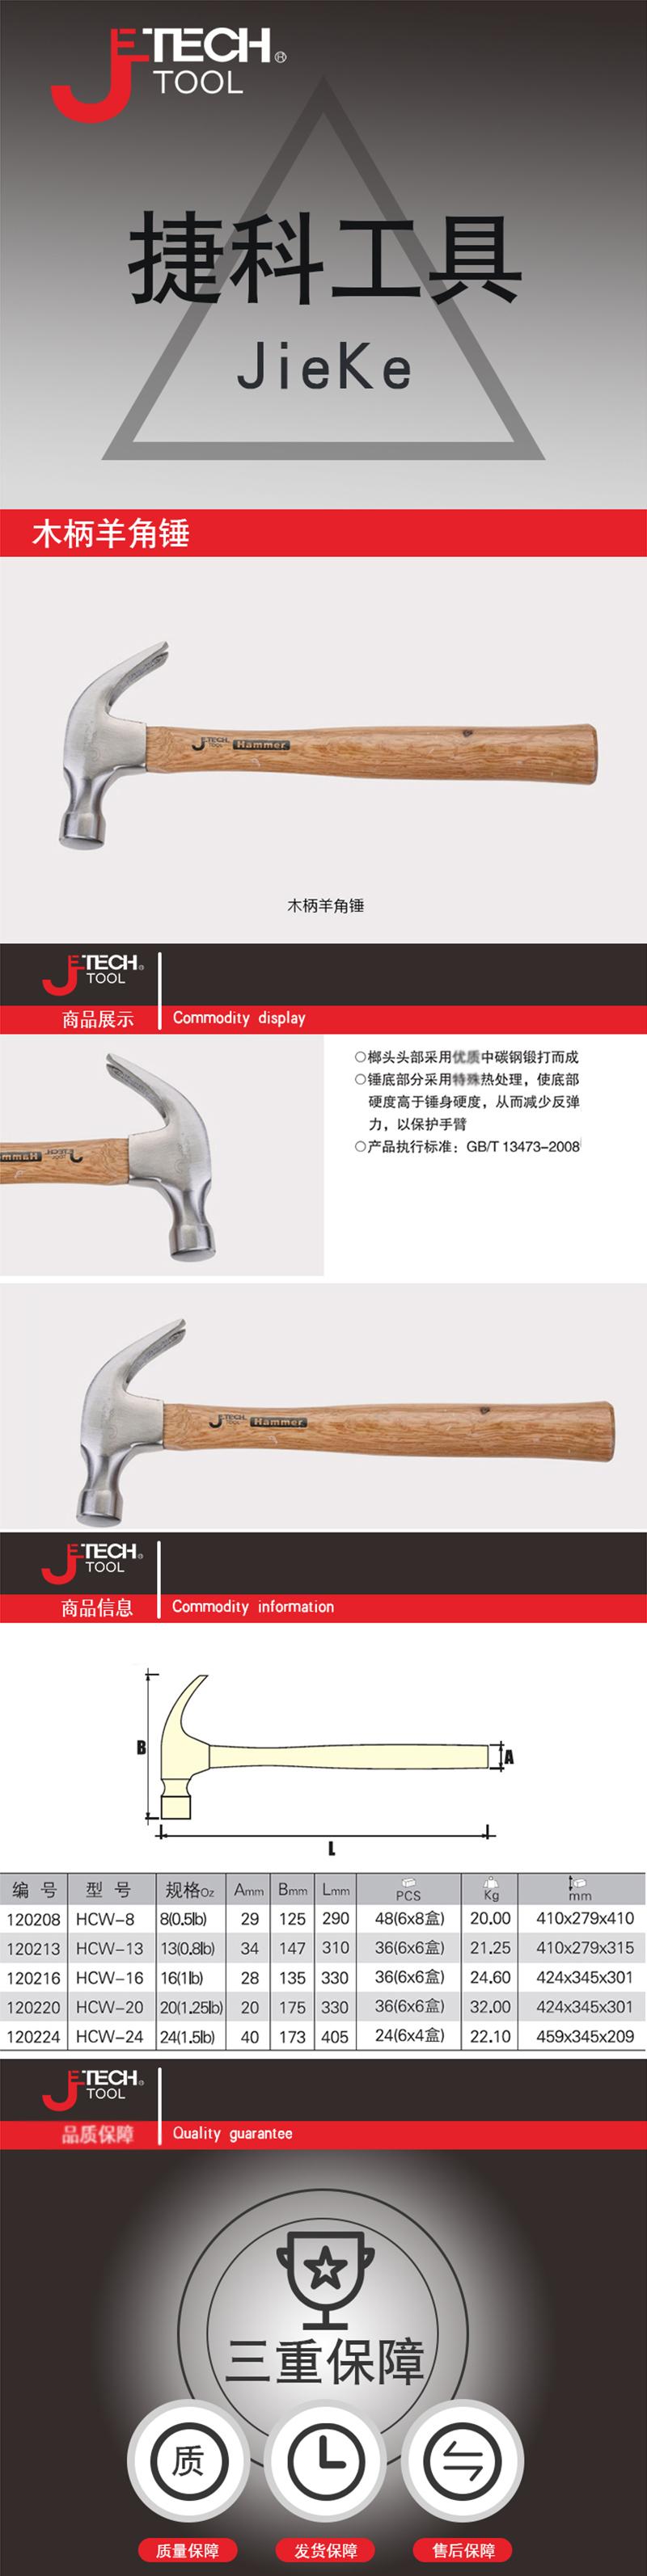 捷科(JETECH) HCW-8木柄羊角锤